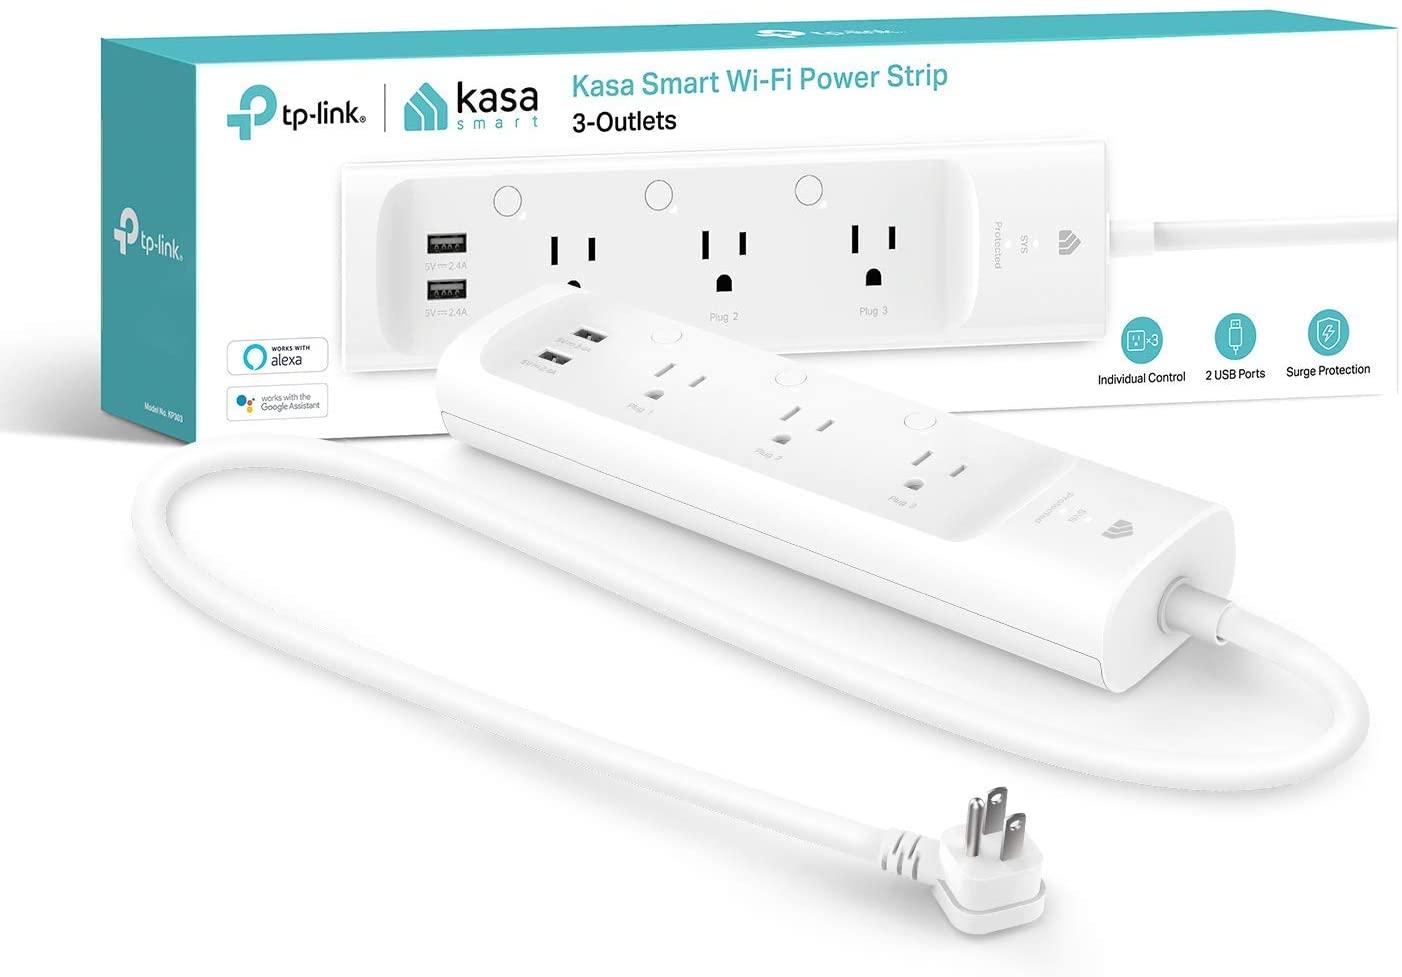 Kasa Smart Power Strip KP303 - Tres tomas inteligentes y dos puertos USB, funciona con Alexa y Google Home Assistant